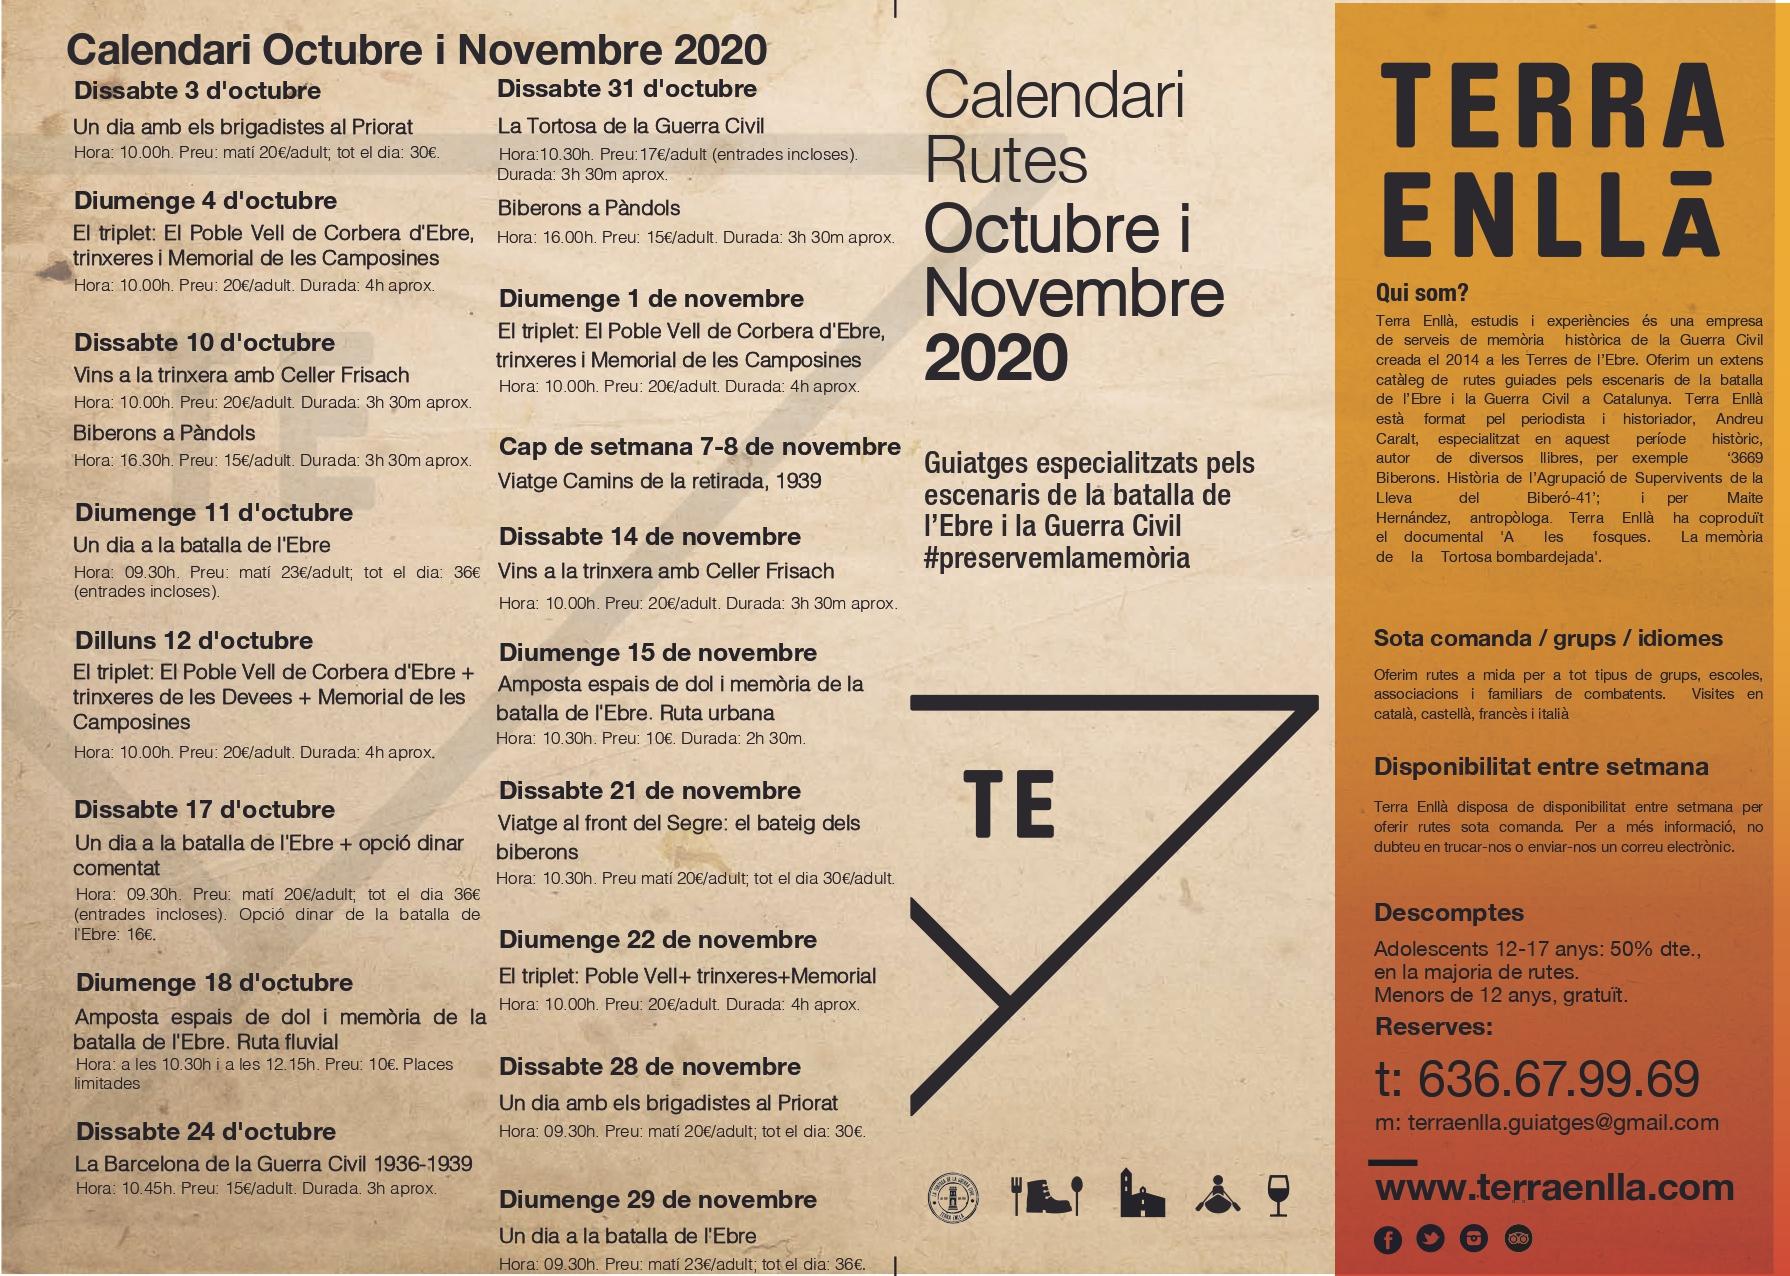 Calendari octubre i novembre 2020. Terra Enllà